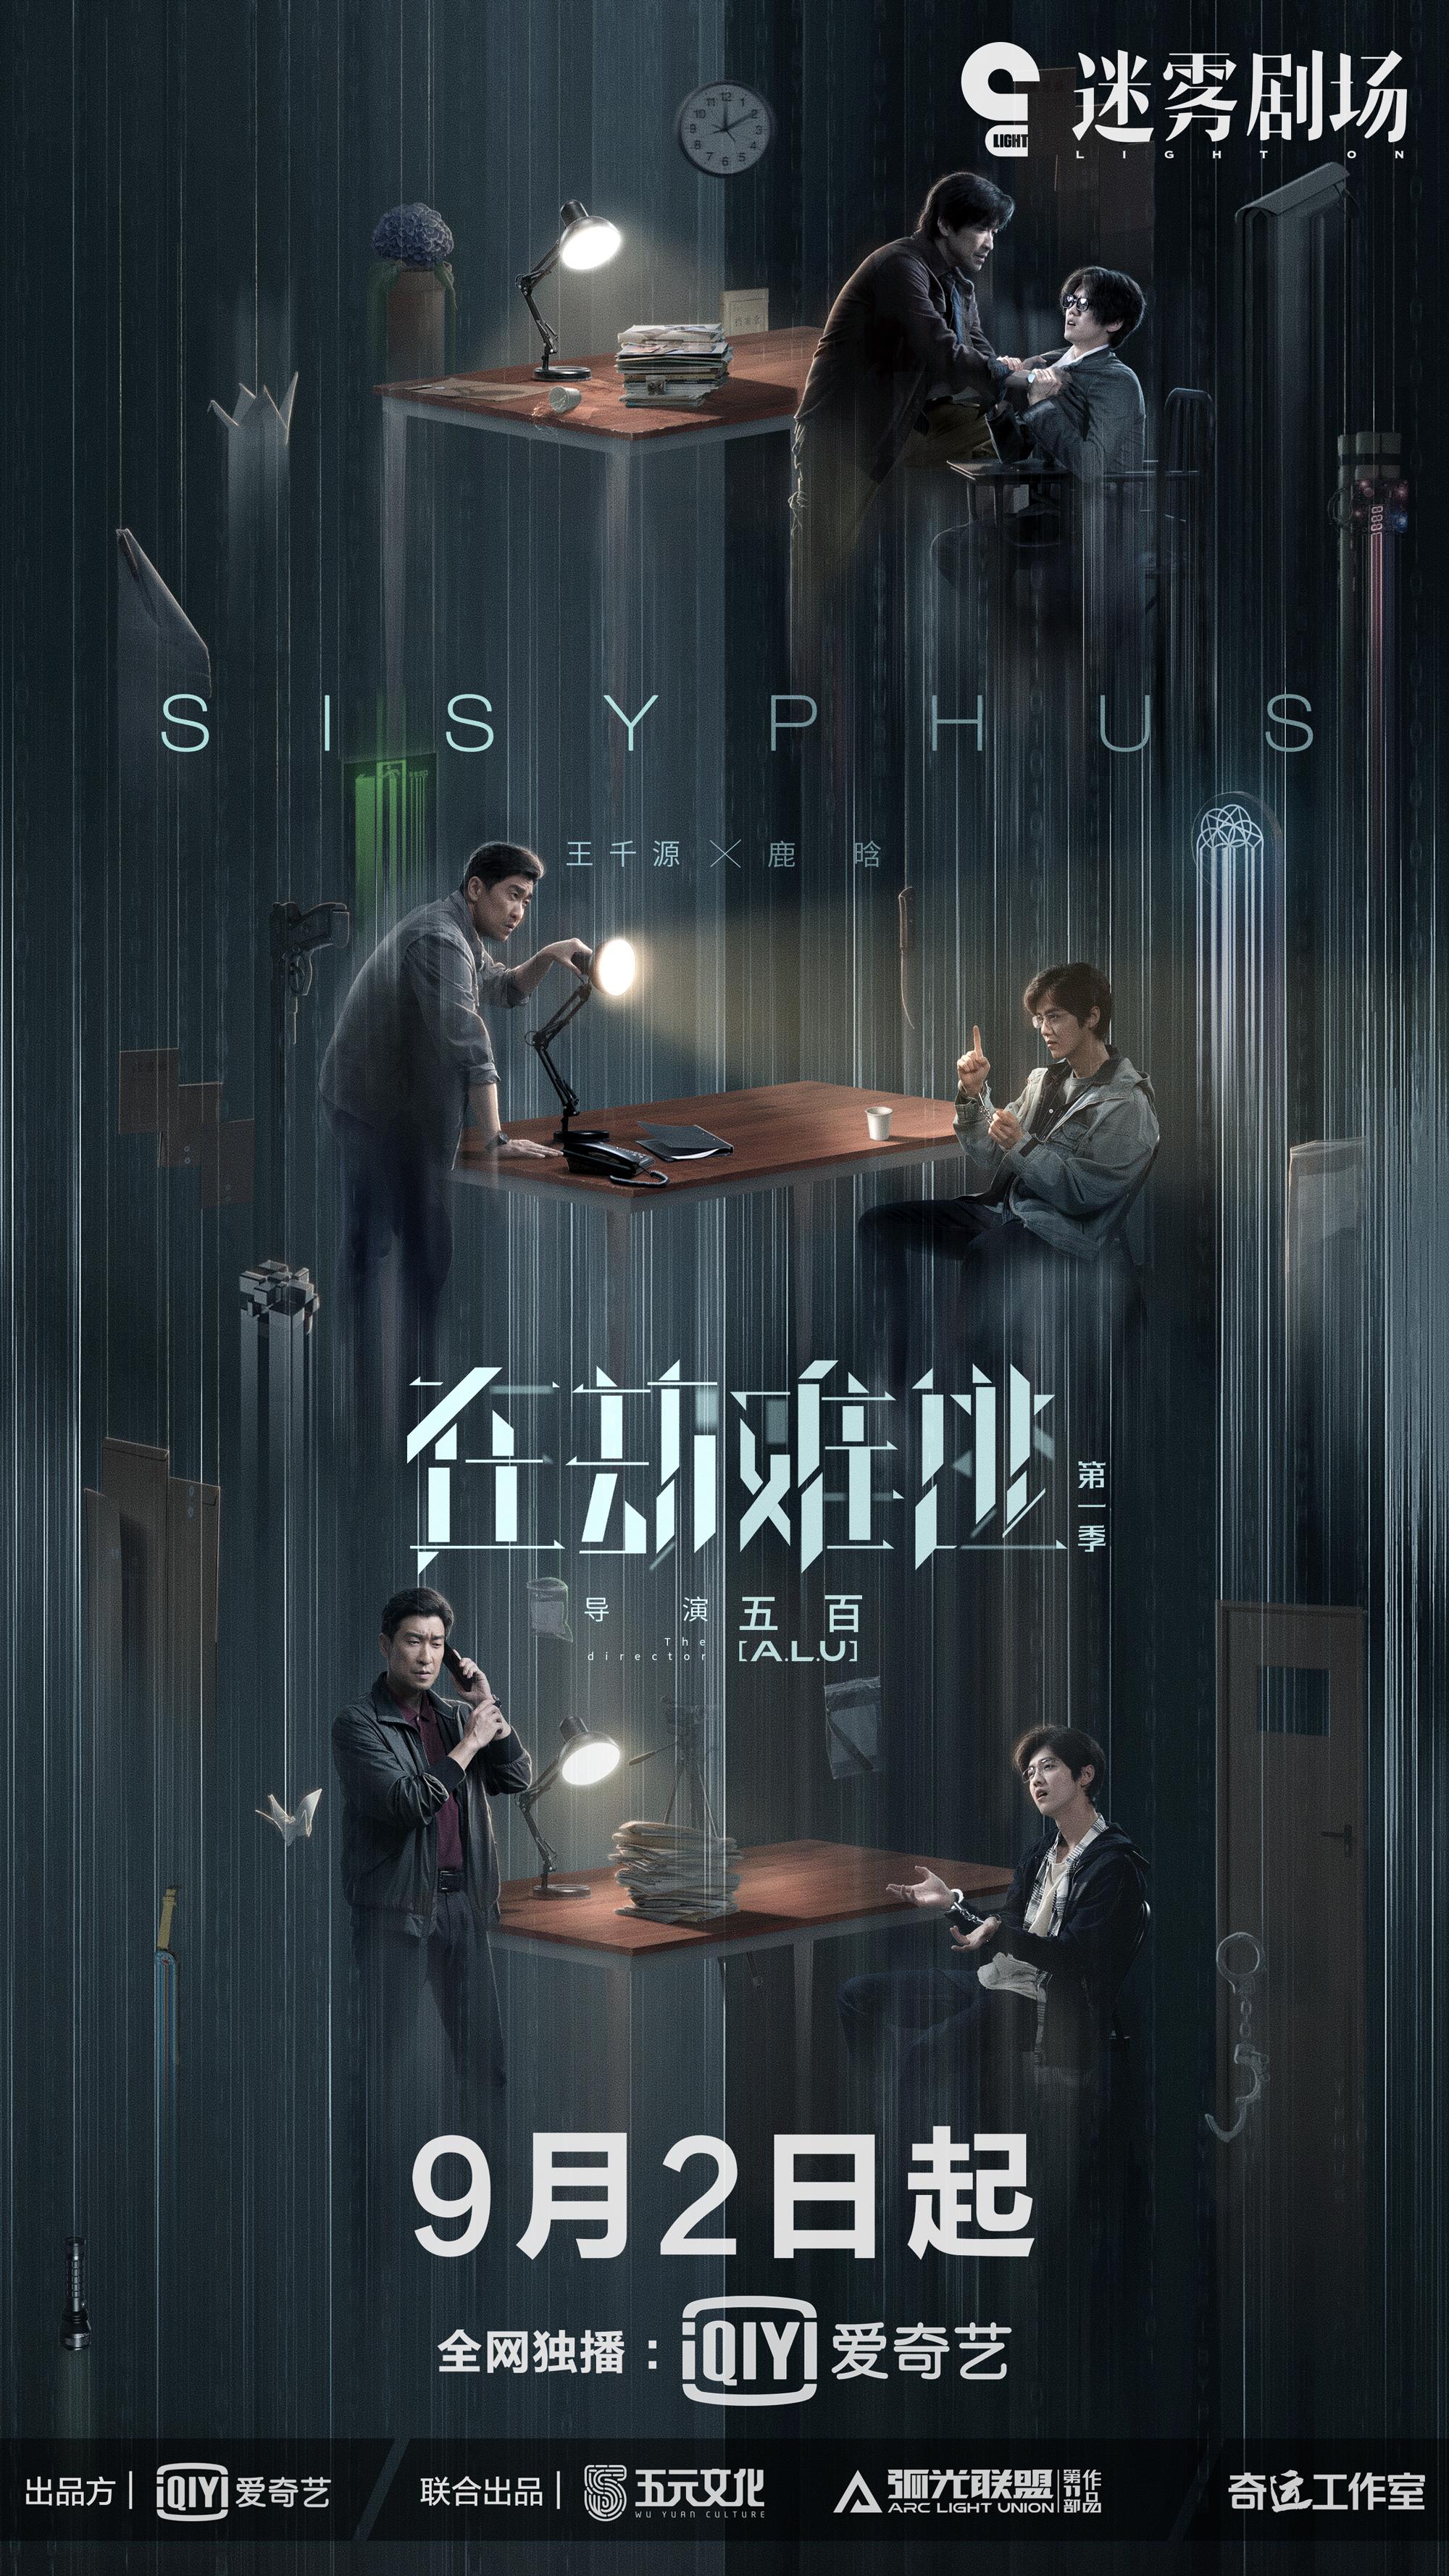 《在劫难逃》第一季定档9月2日,王千源、鹿晗针锋相对